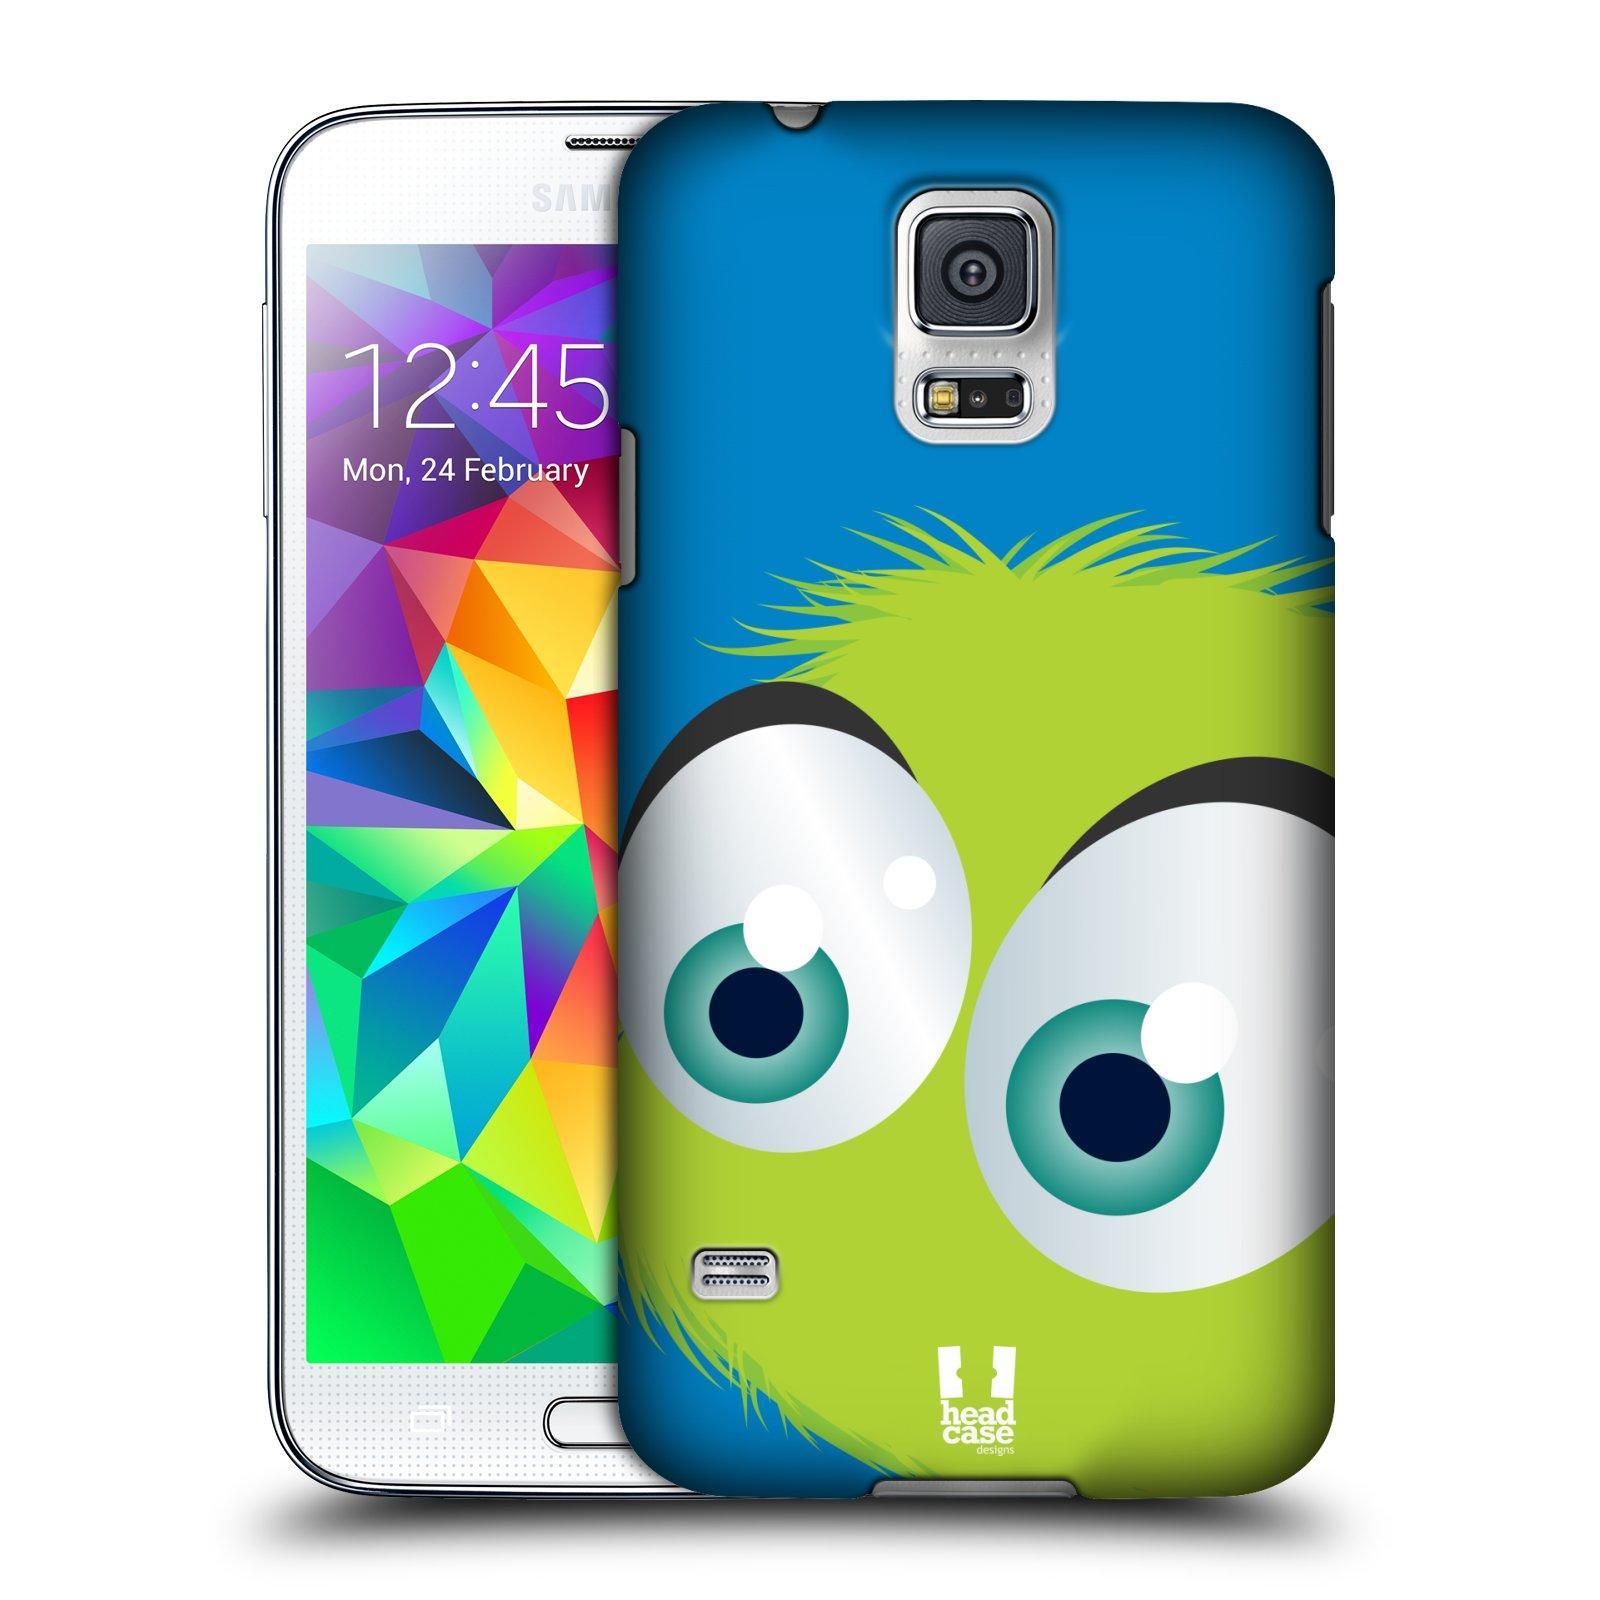 HEAD CASE plastový obal na mobil SAMSUNG Galaxy SS / S5 NEO (G900, G903F) vzor Barevný chlupatý smajlík ZELENÁ modré pozadí